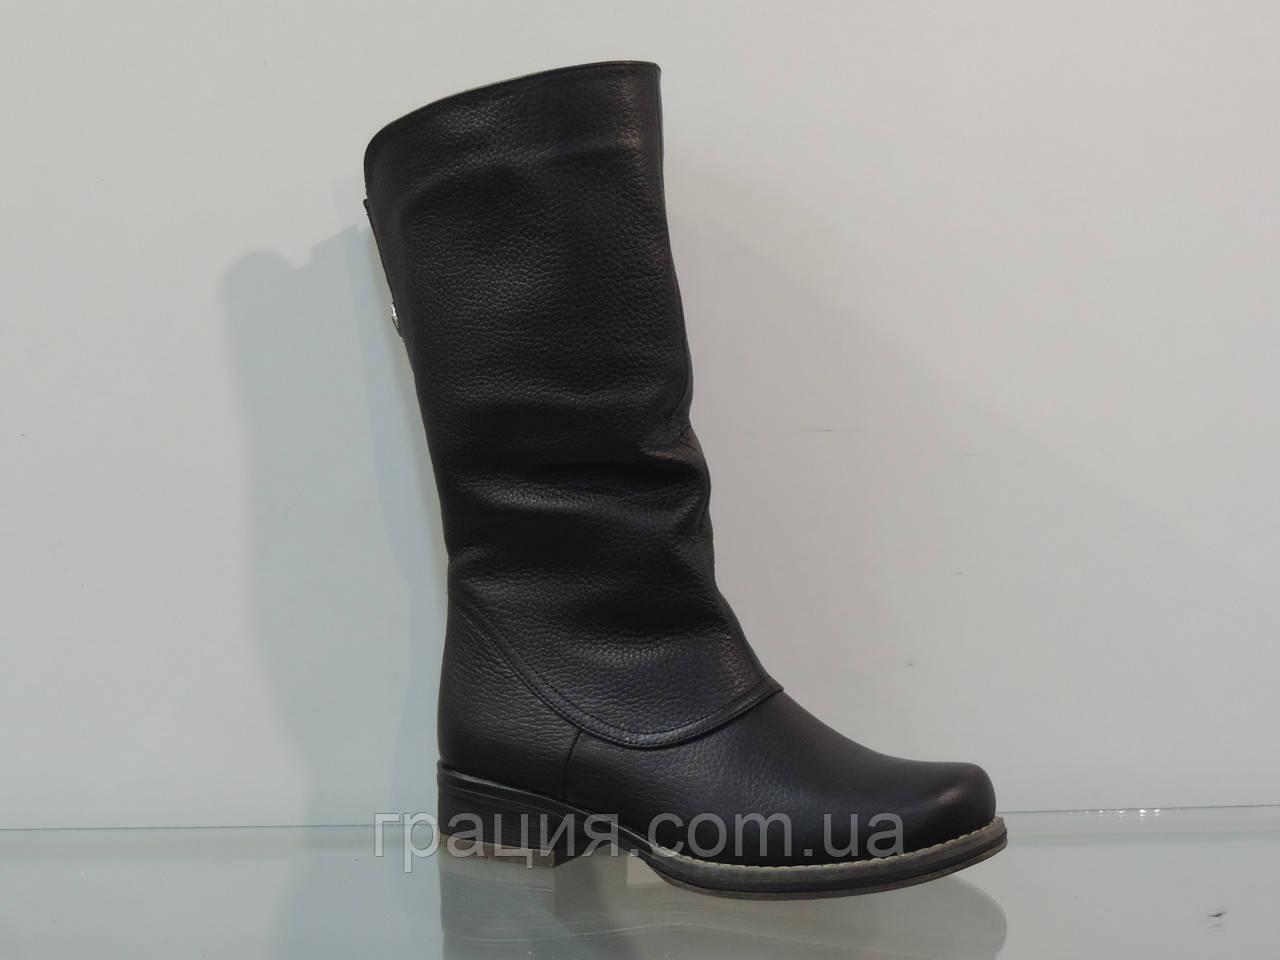 Зимние кожаные полусапожки с большей полнотой черные